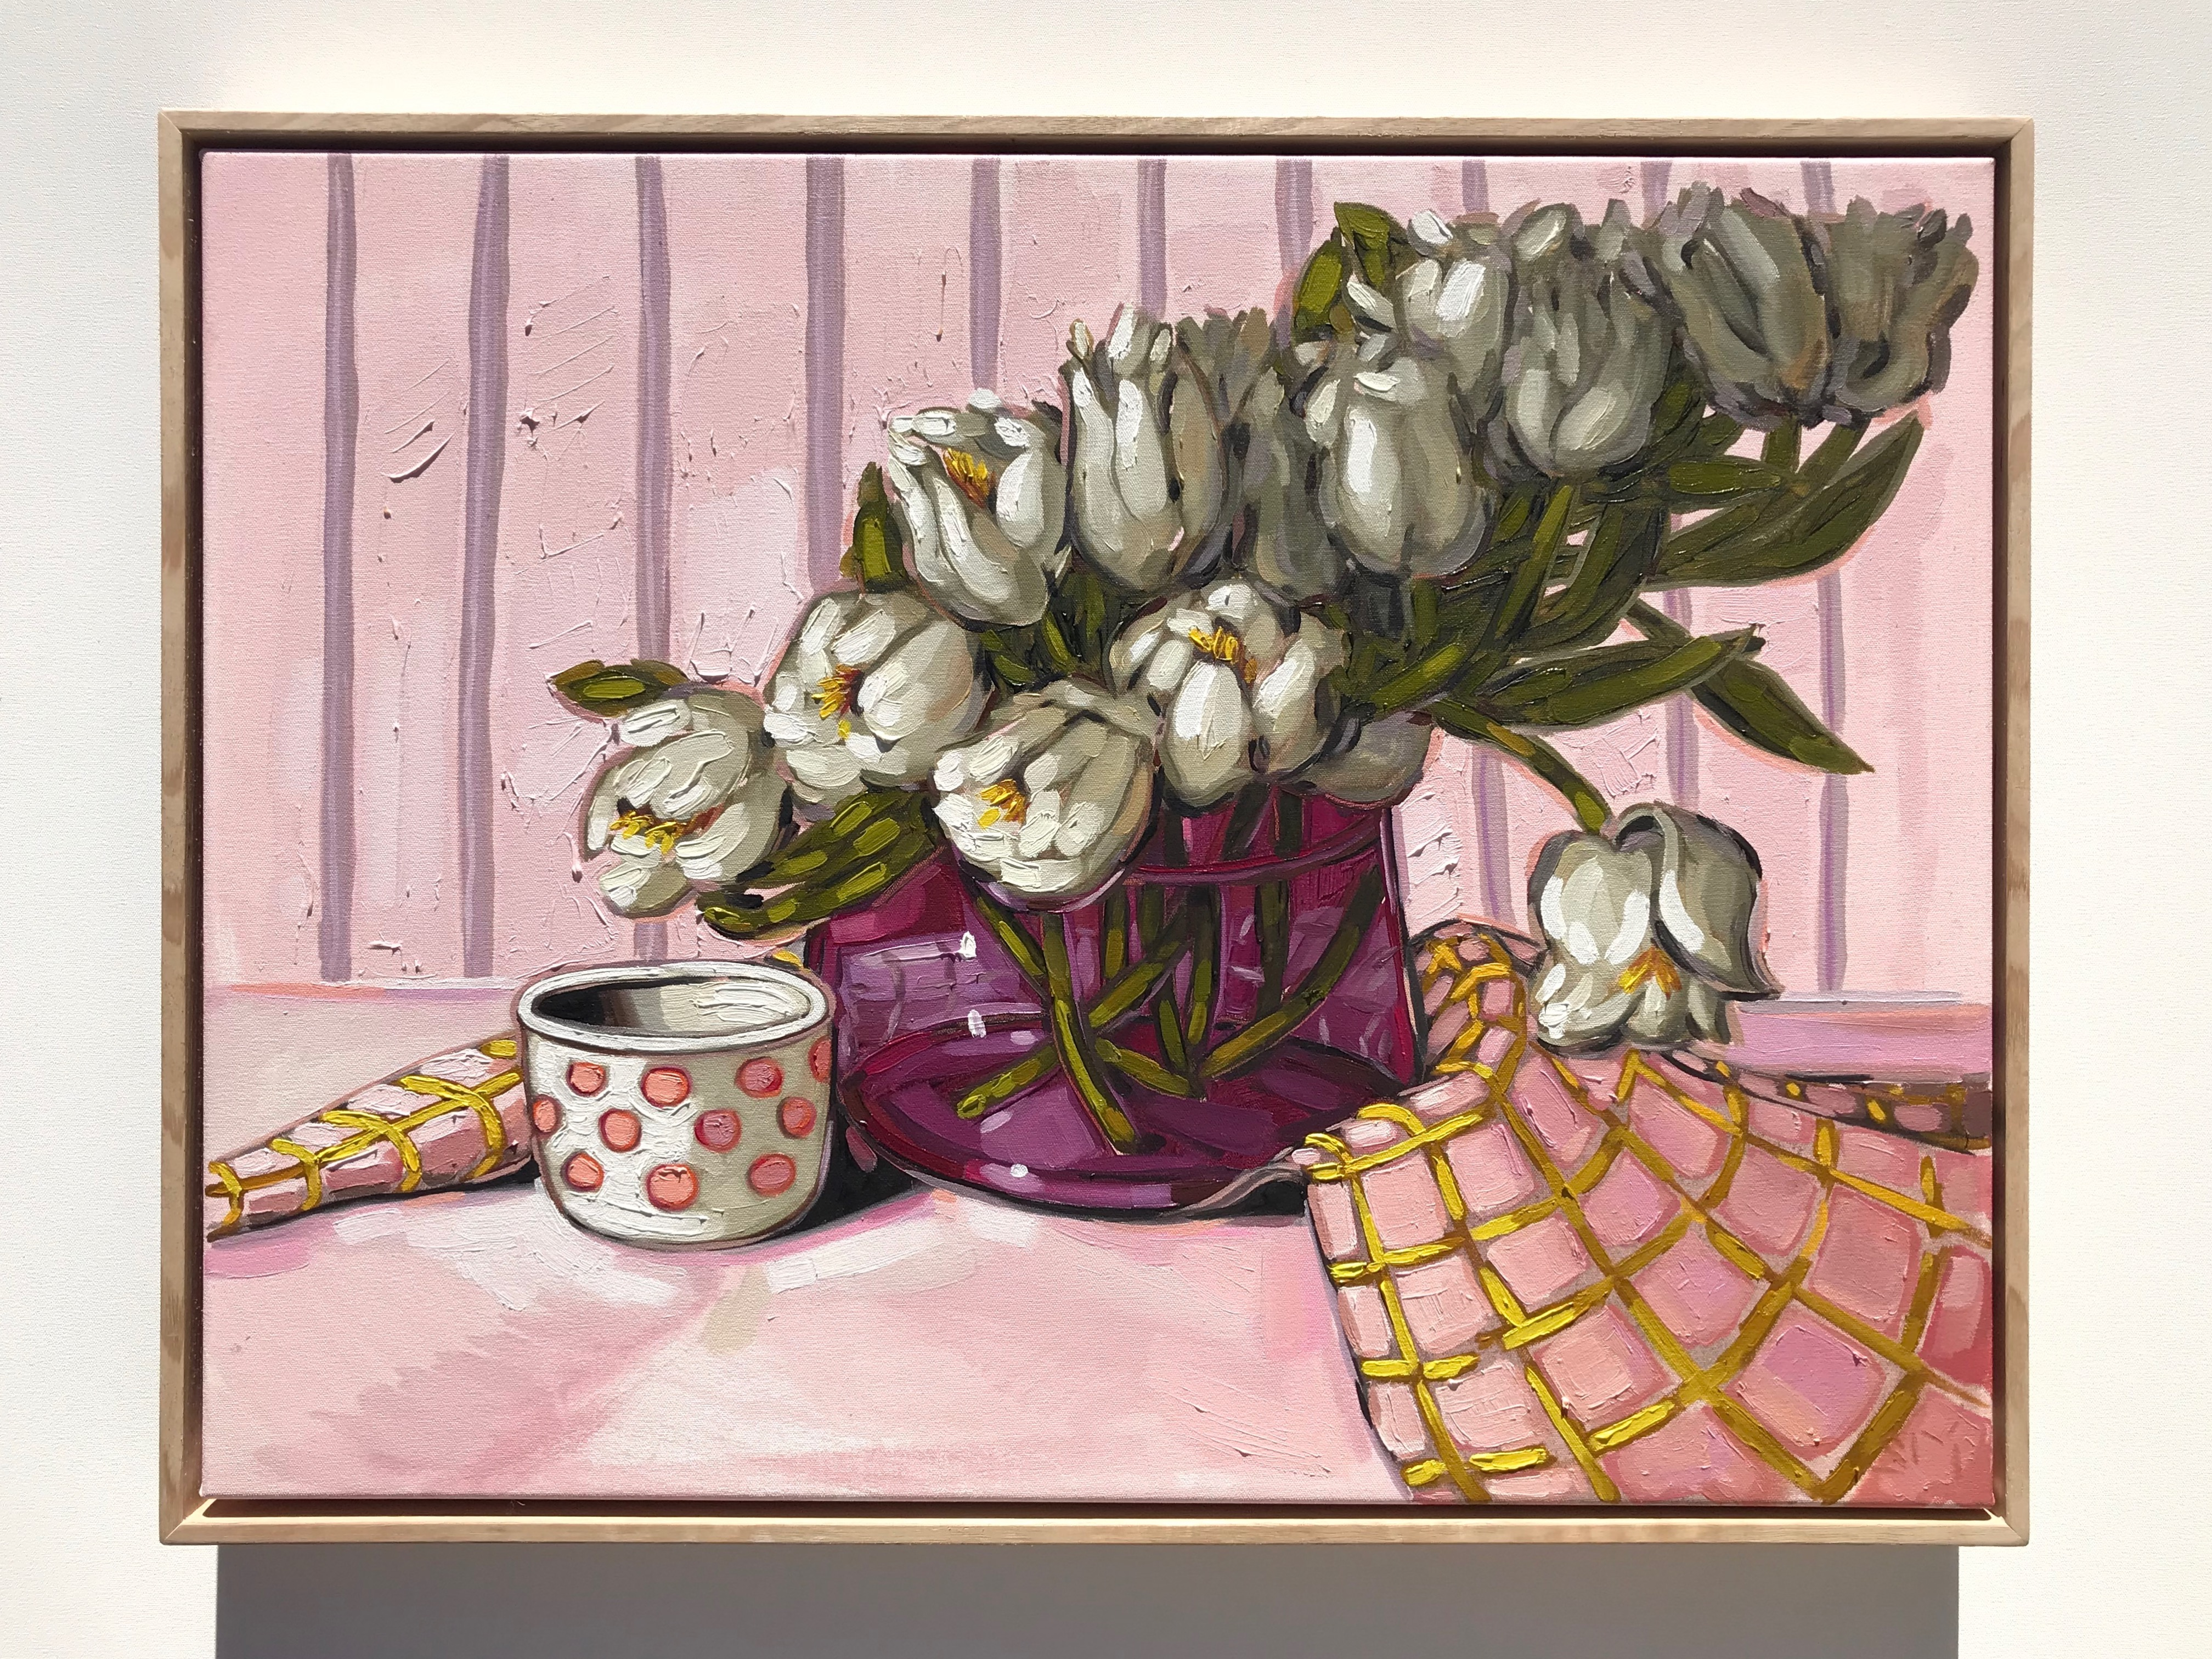 Sam Michelle 'Tulips & Pink' 49x64cm